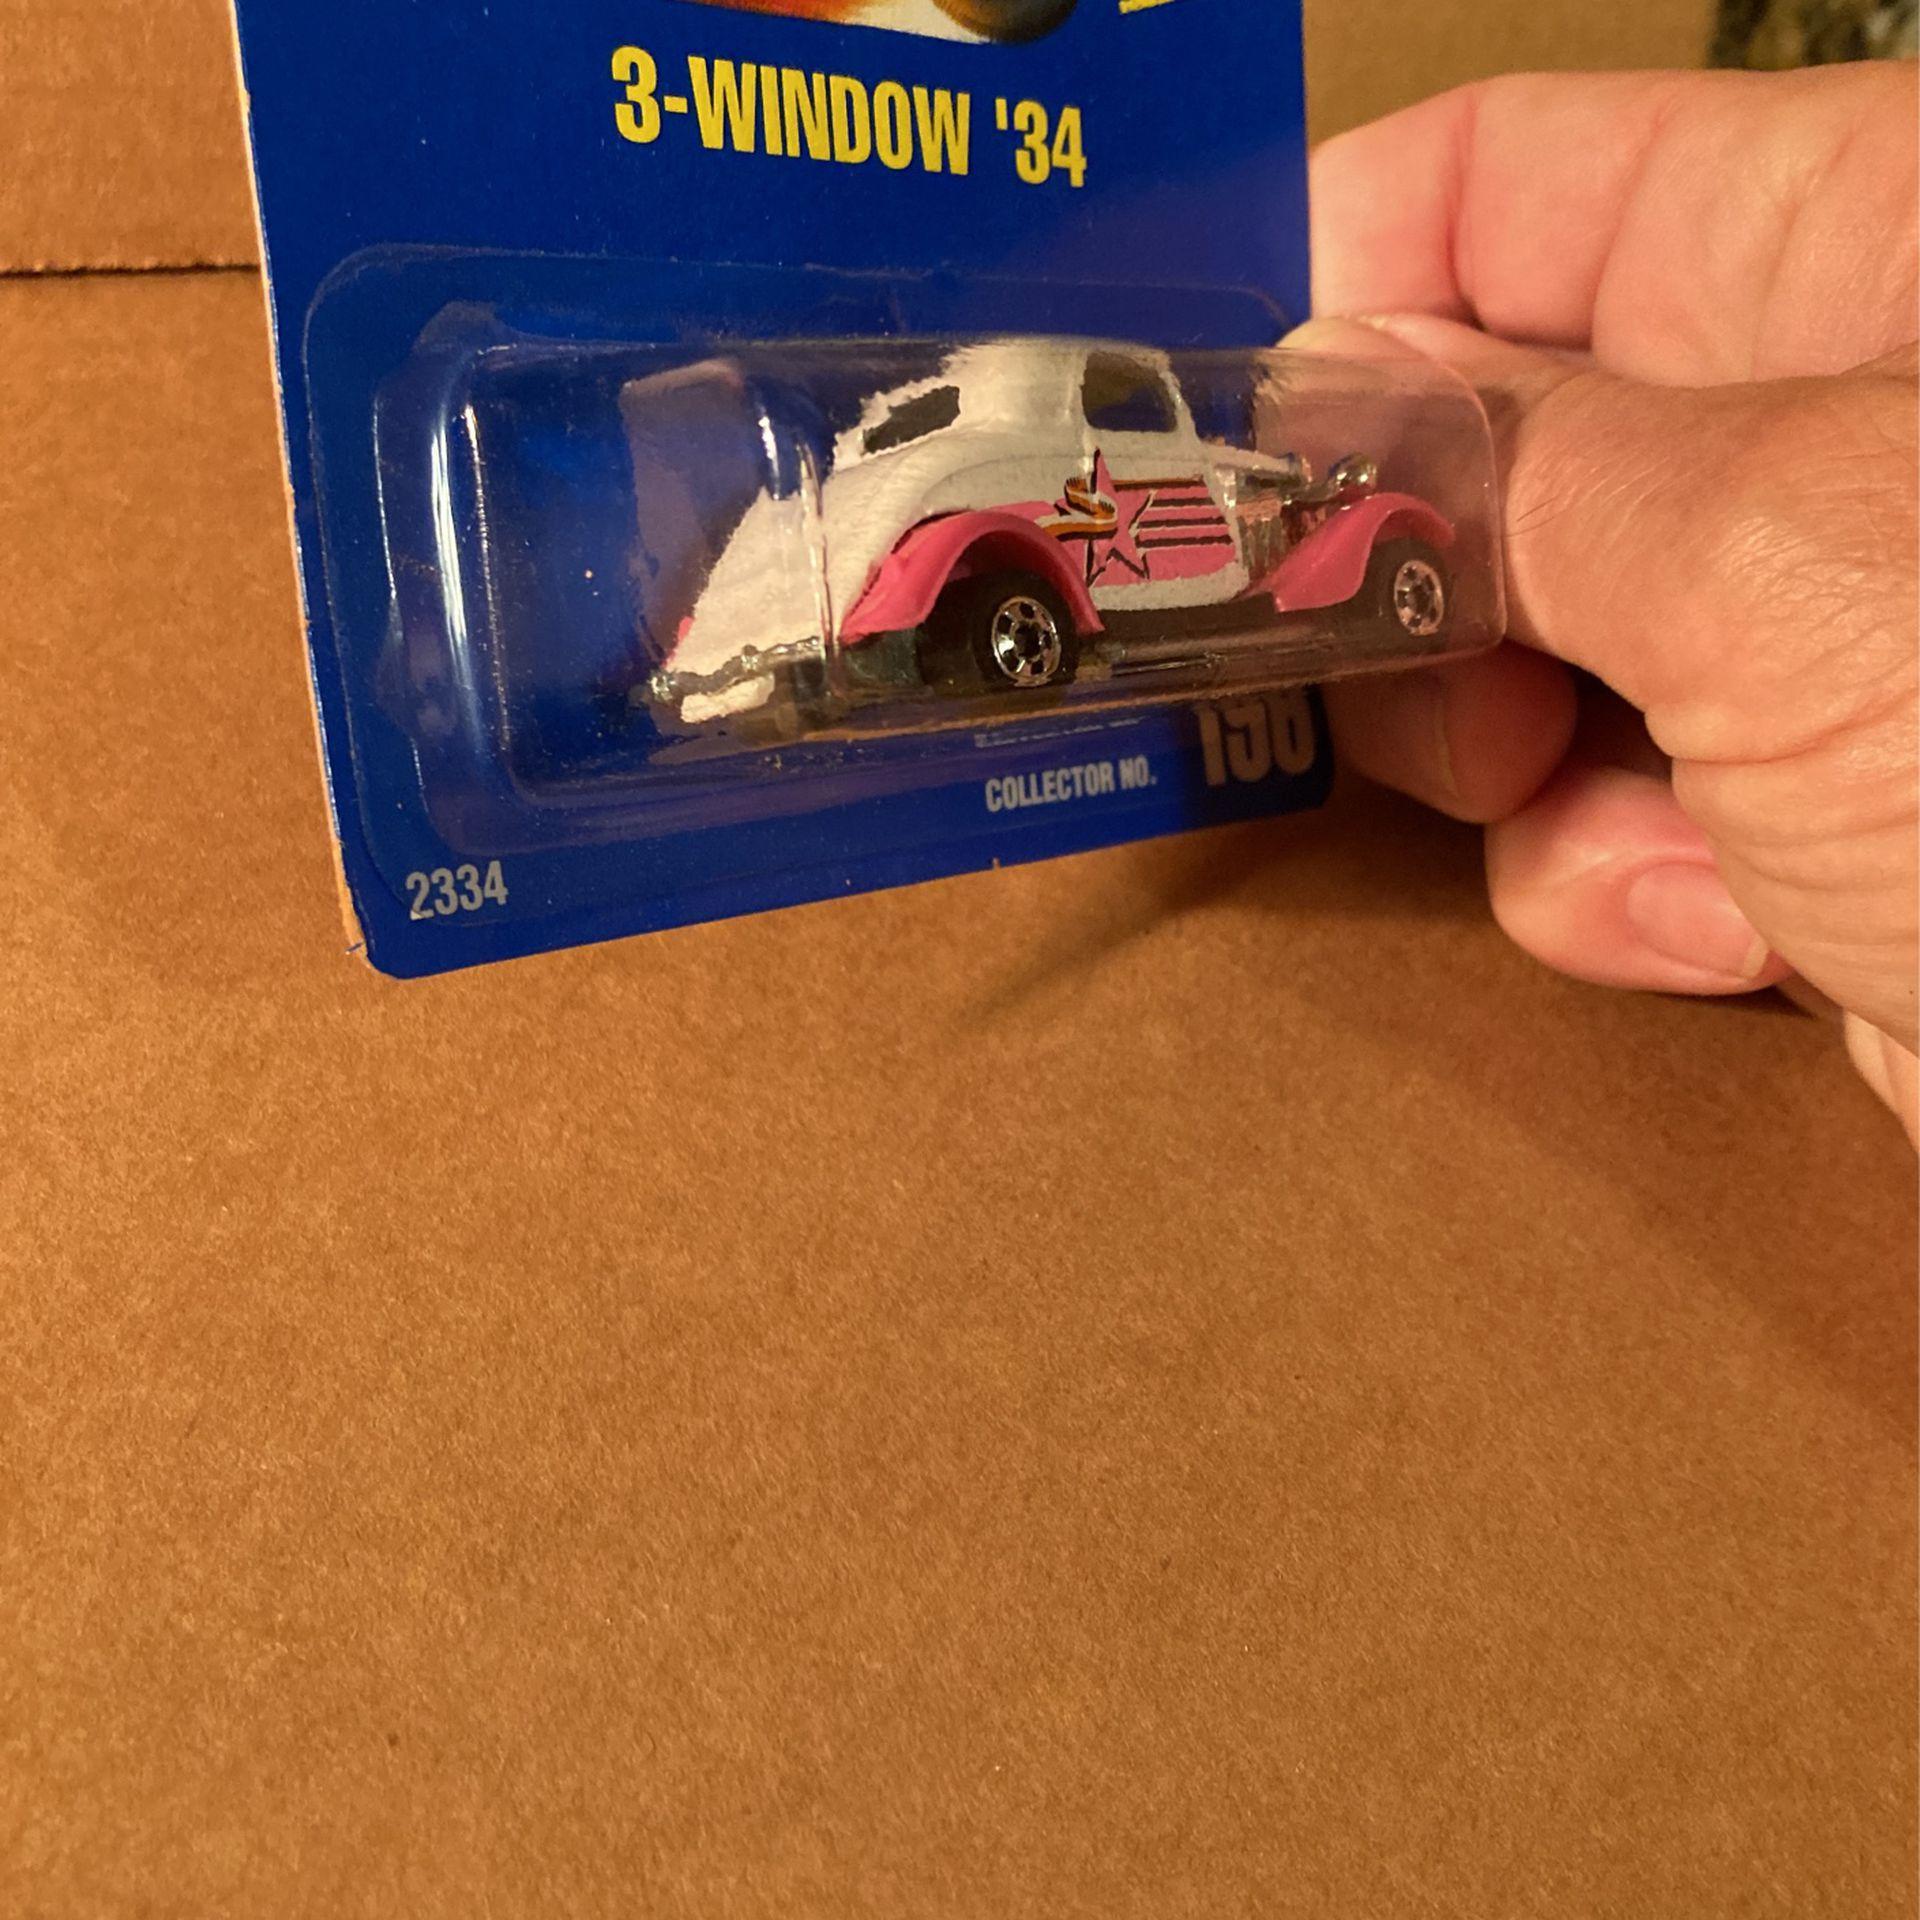 Hot Wheels 3-Window '34